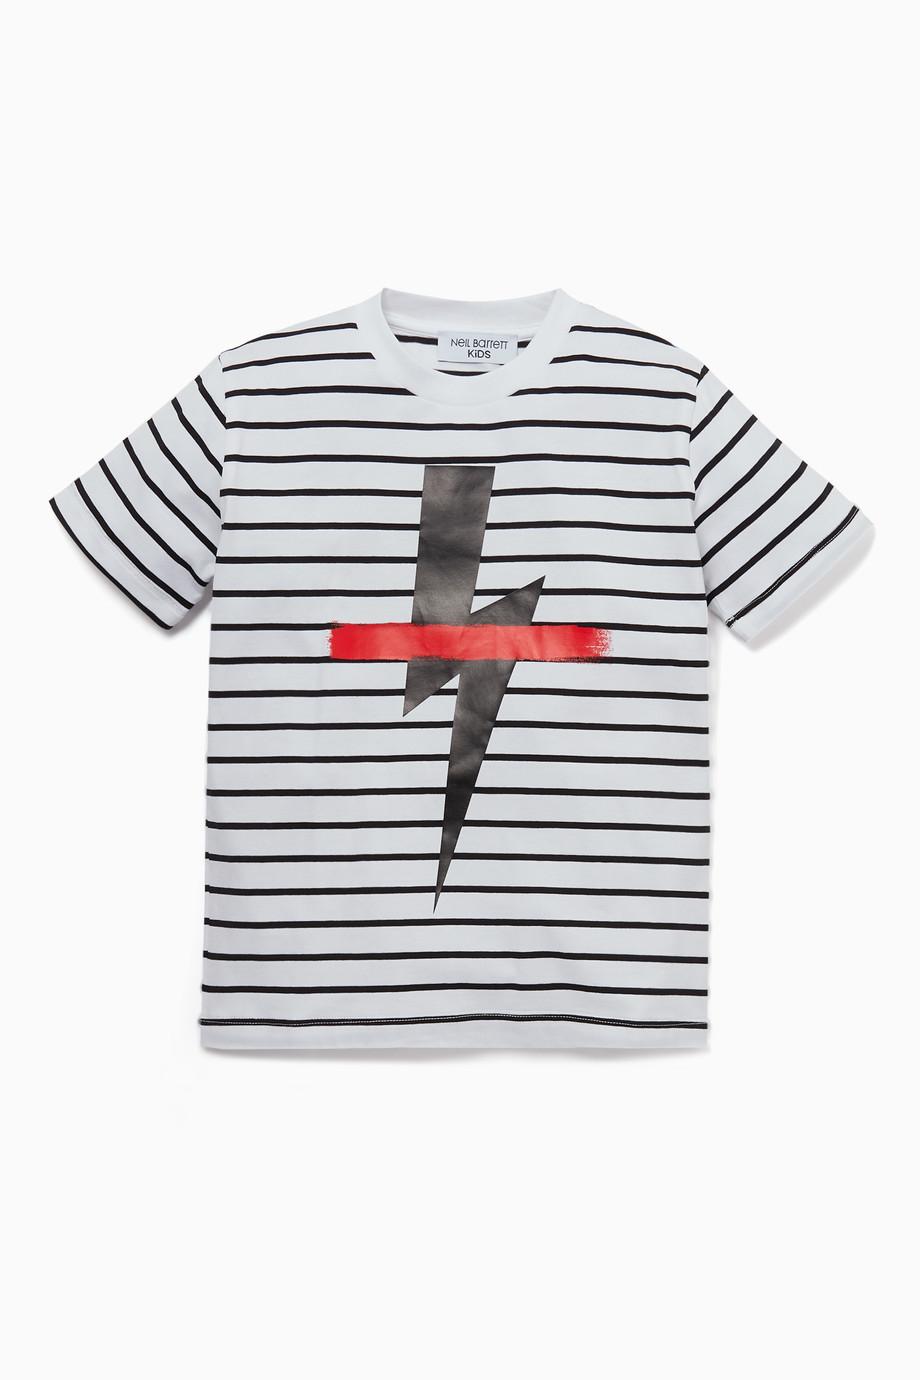 34698c28 Shop Neil Barrett White Striped Lightning Bolt Print T-Shirt for ...